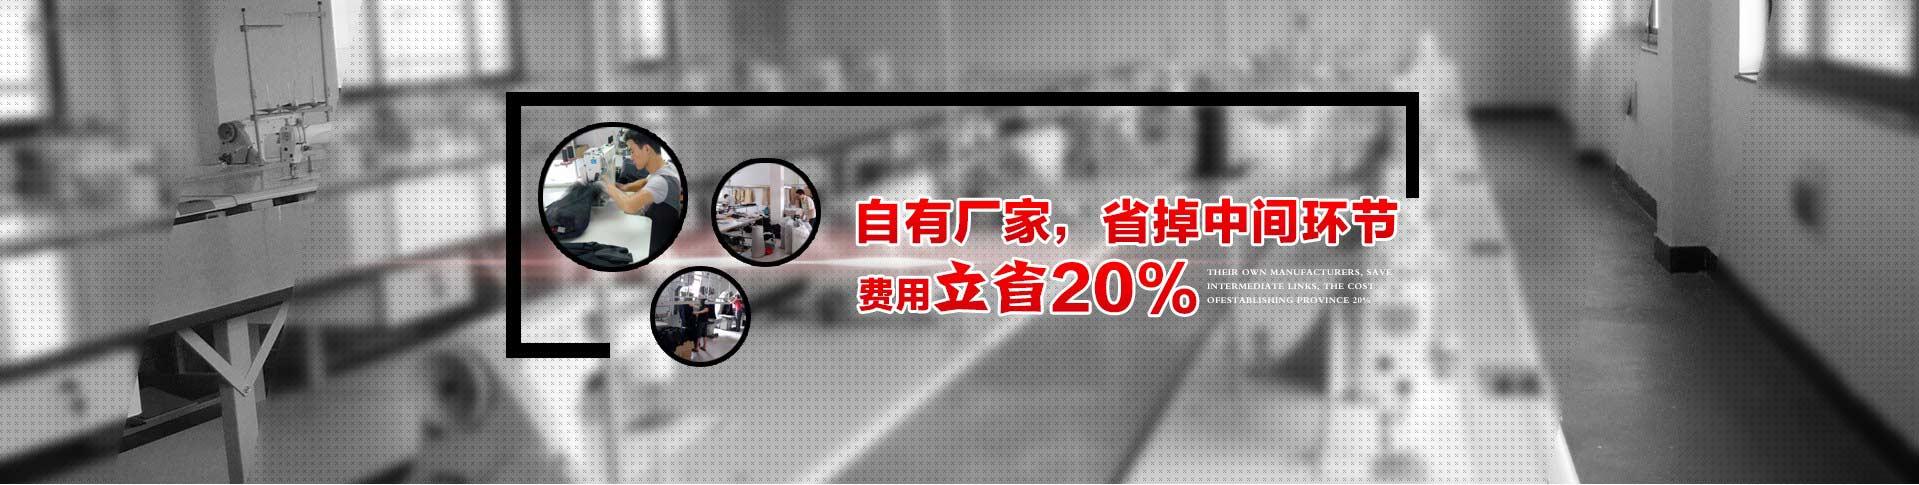 北京五洲之星职业装厂家优势